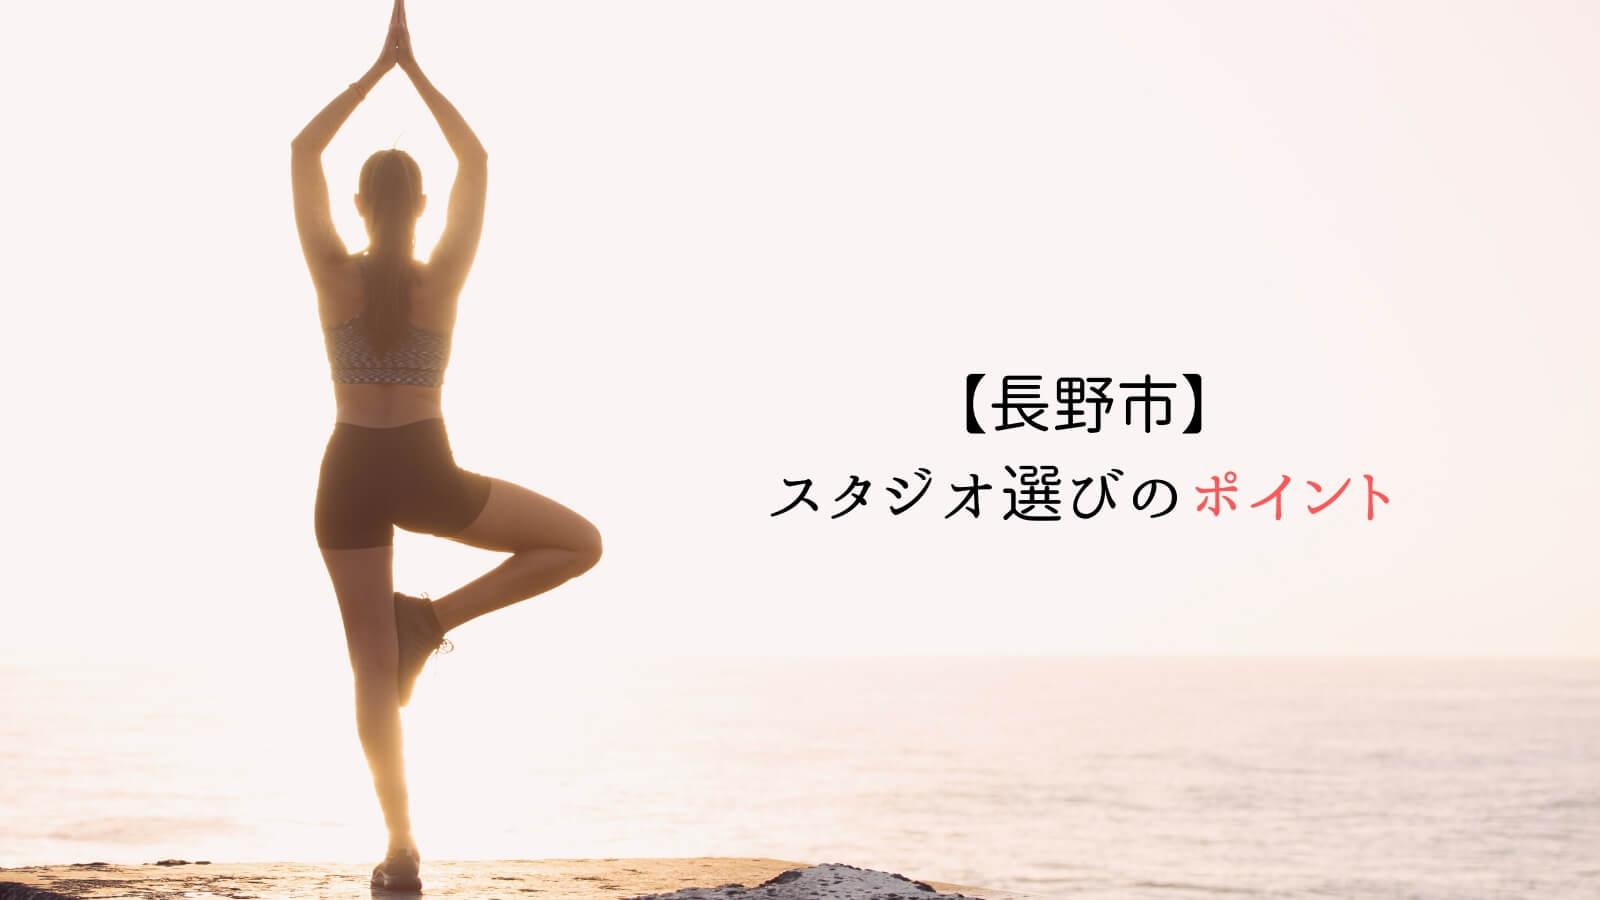 長野市のヨガ・ホットヨガスタジオ選びのポイント